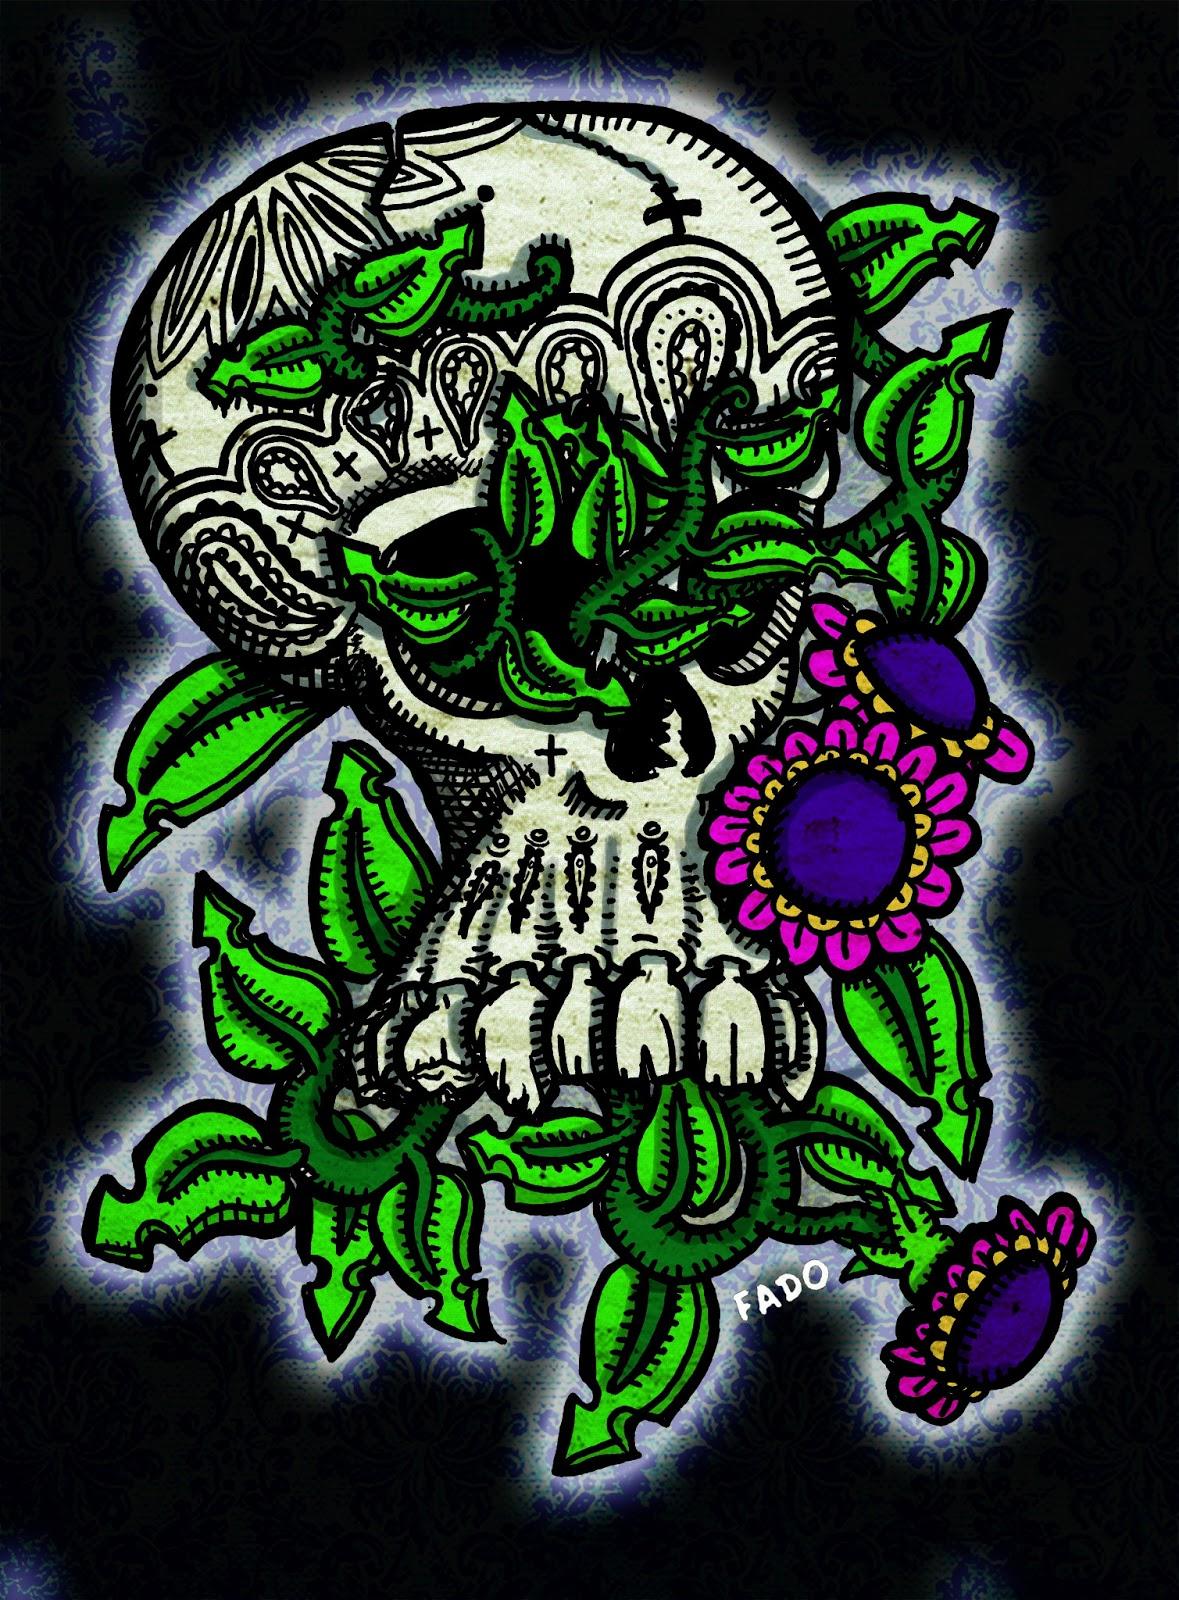 Imagenes De Calaveras Con Marihuana